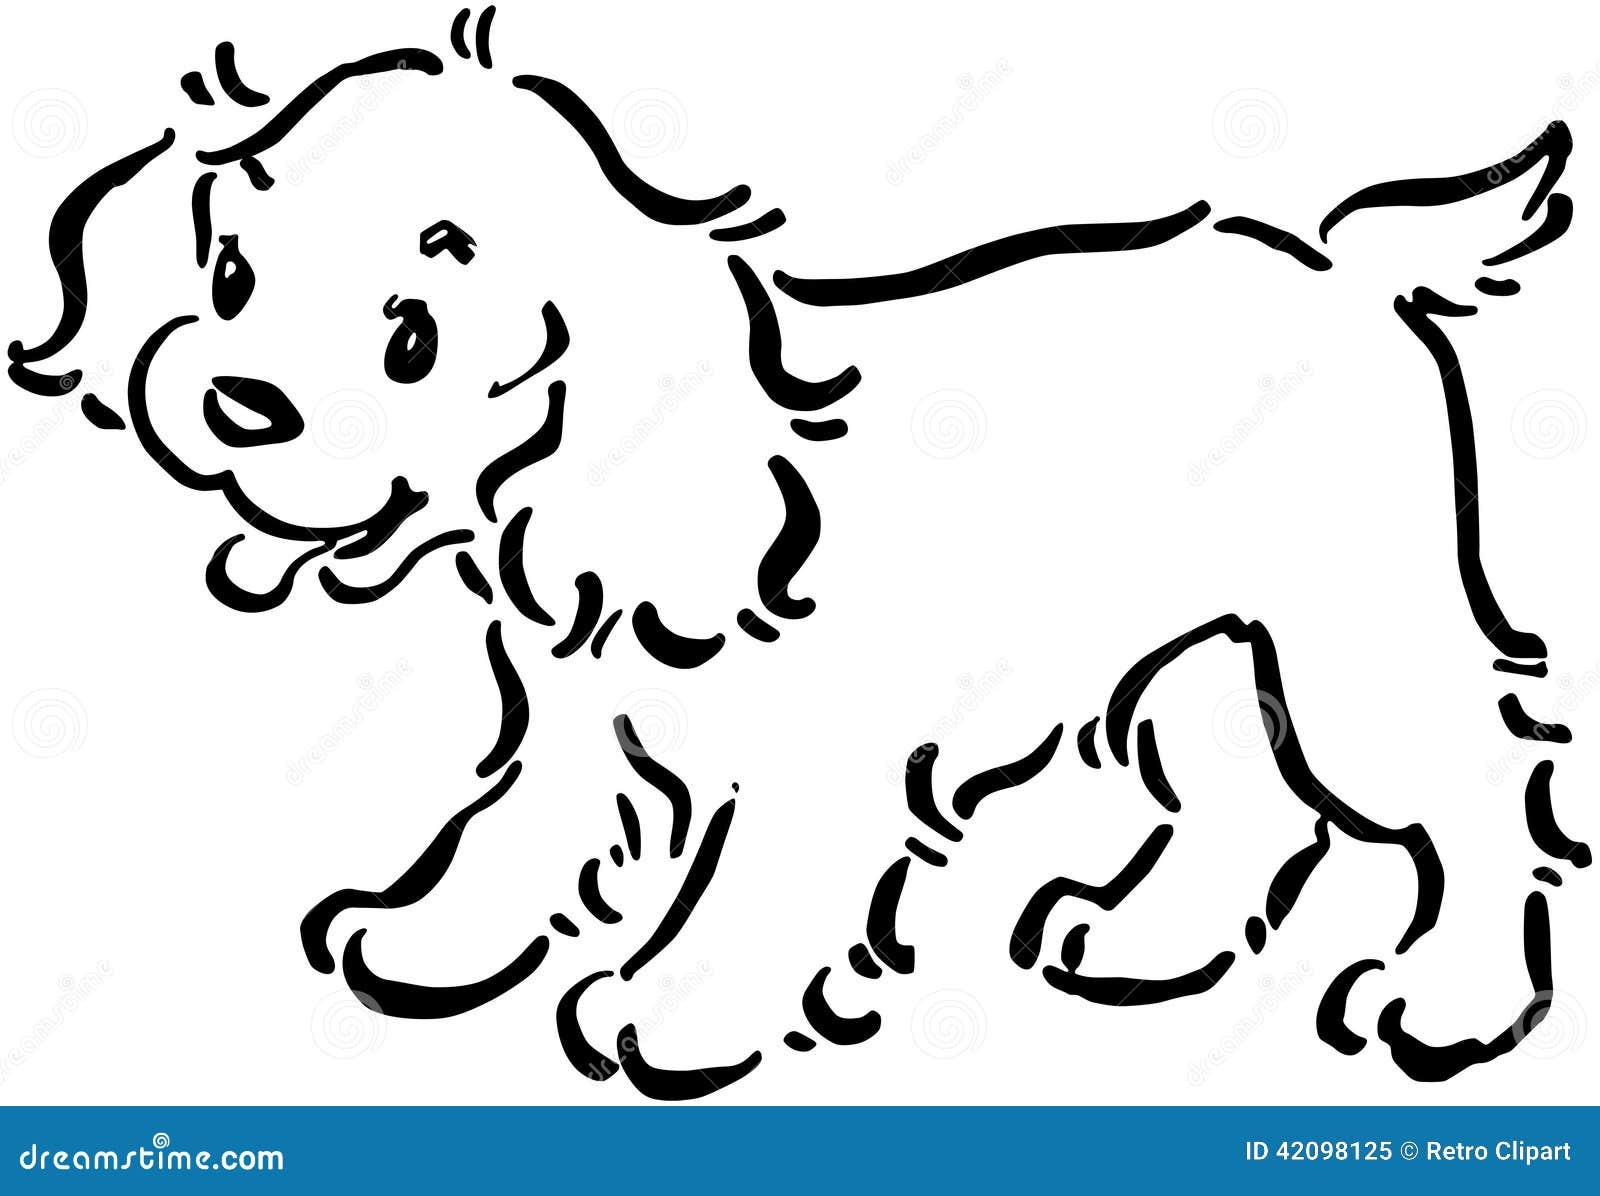 Cane di cucciolo sveglio illustrazione vettoriale - Cucciolo da colorare stampabili ...